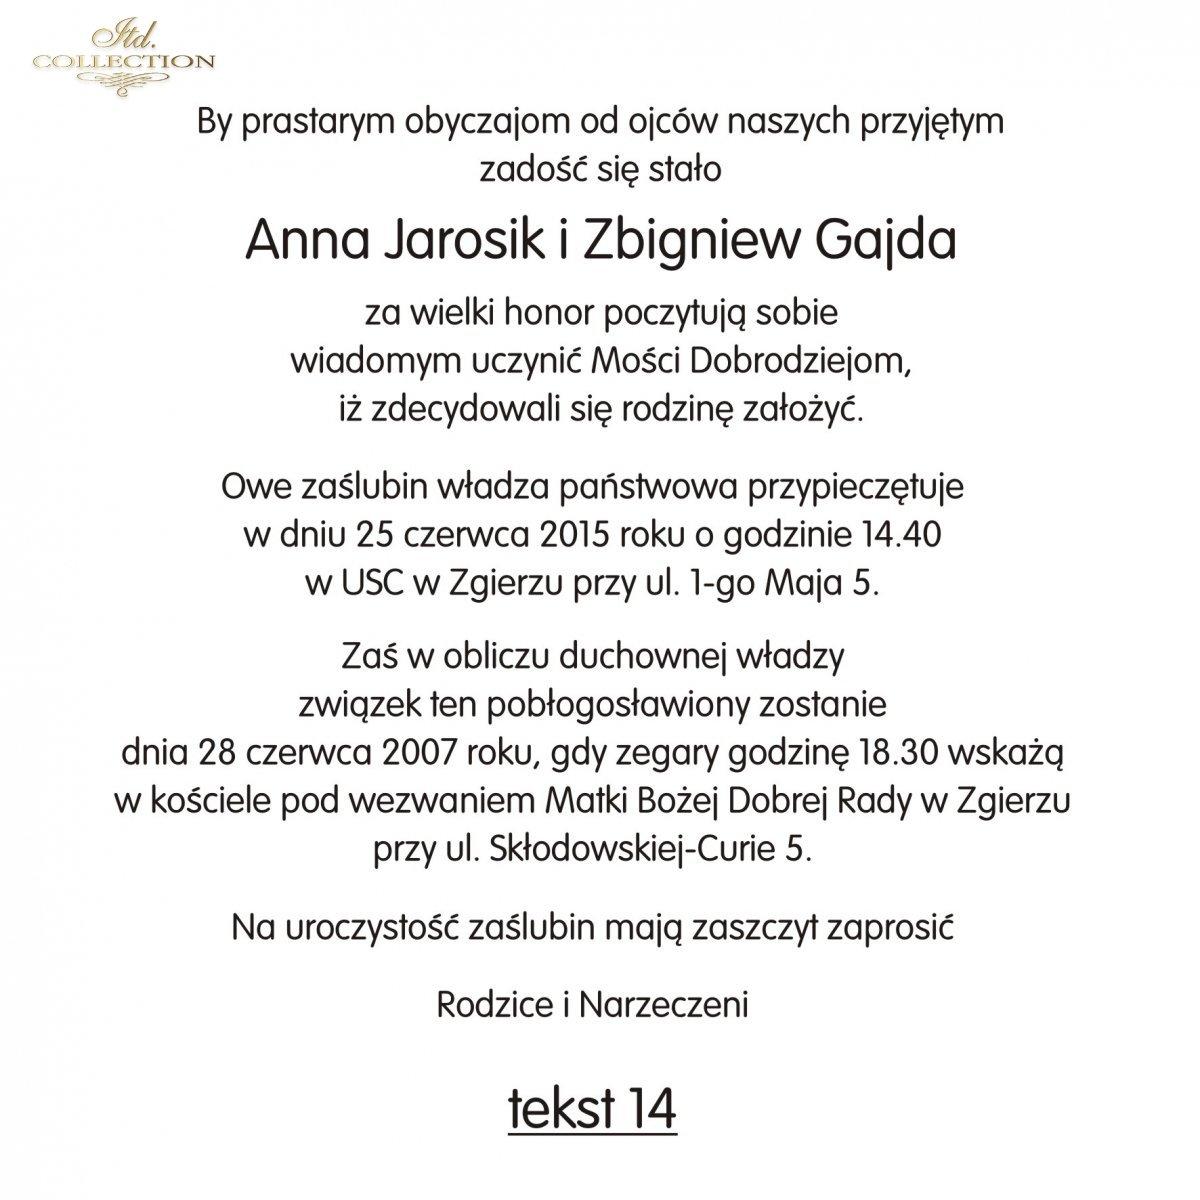 Teksty Na ślub Ts14 Polskie Zaproszenia ślubne Fajne Teksty Na